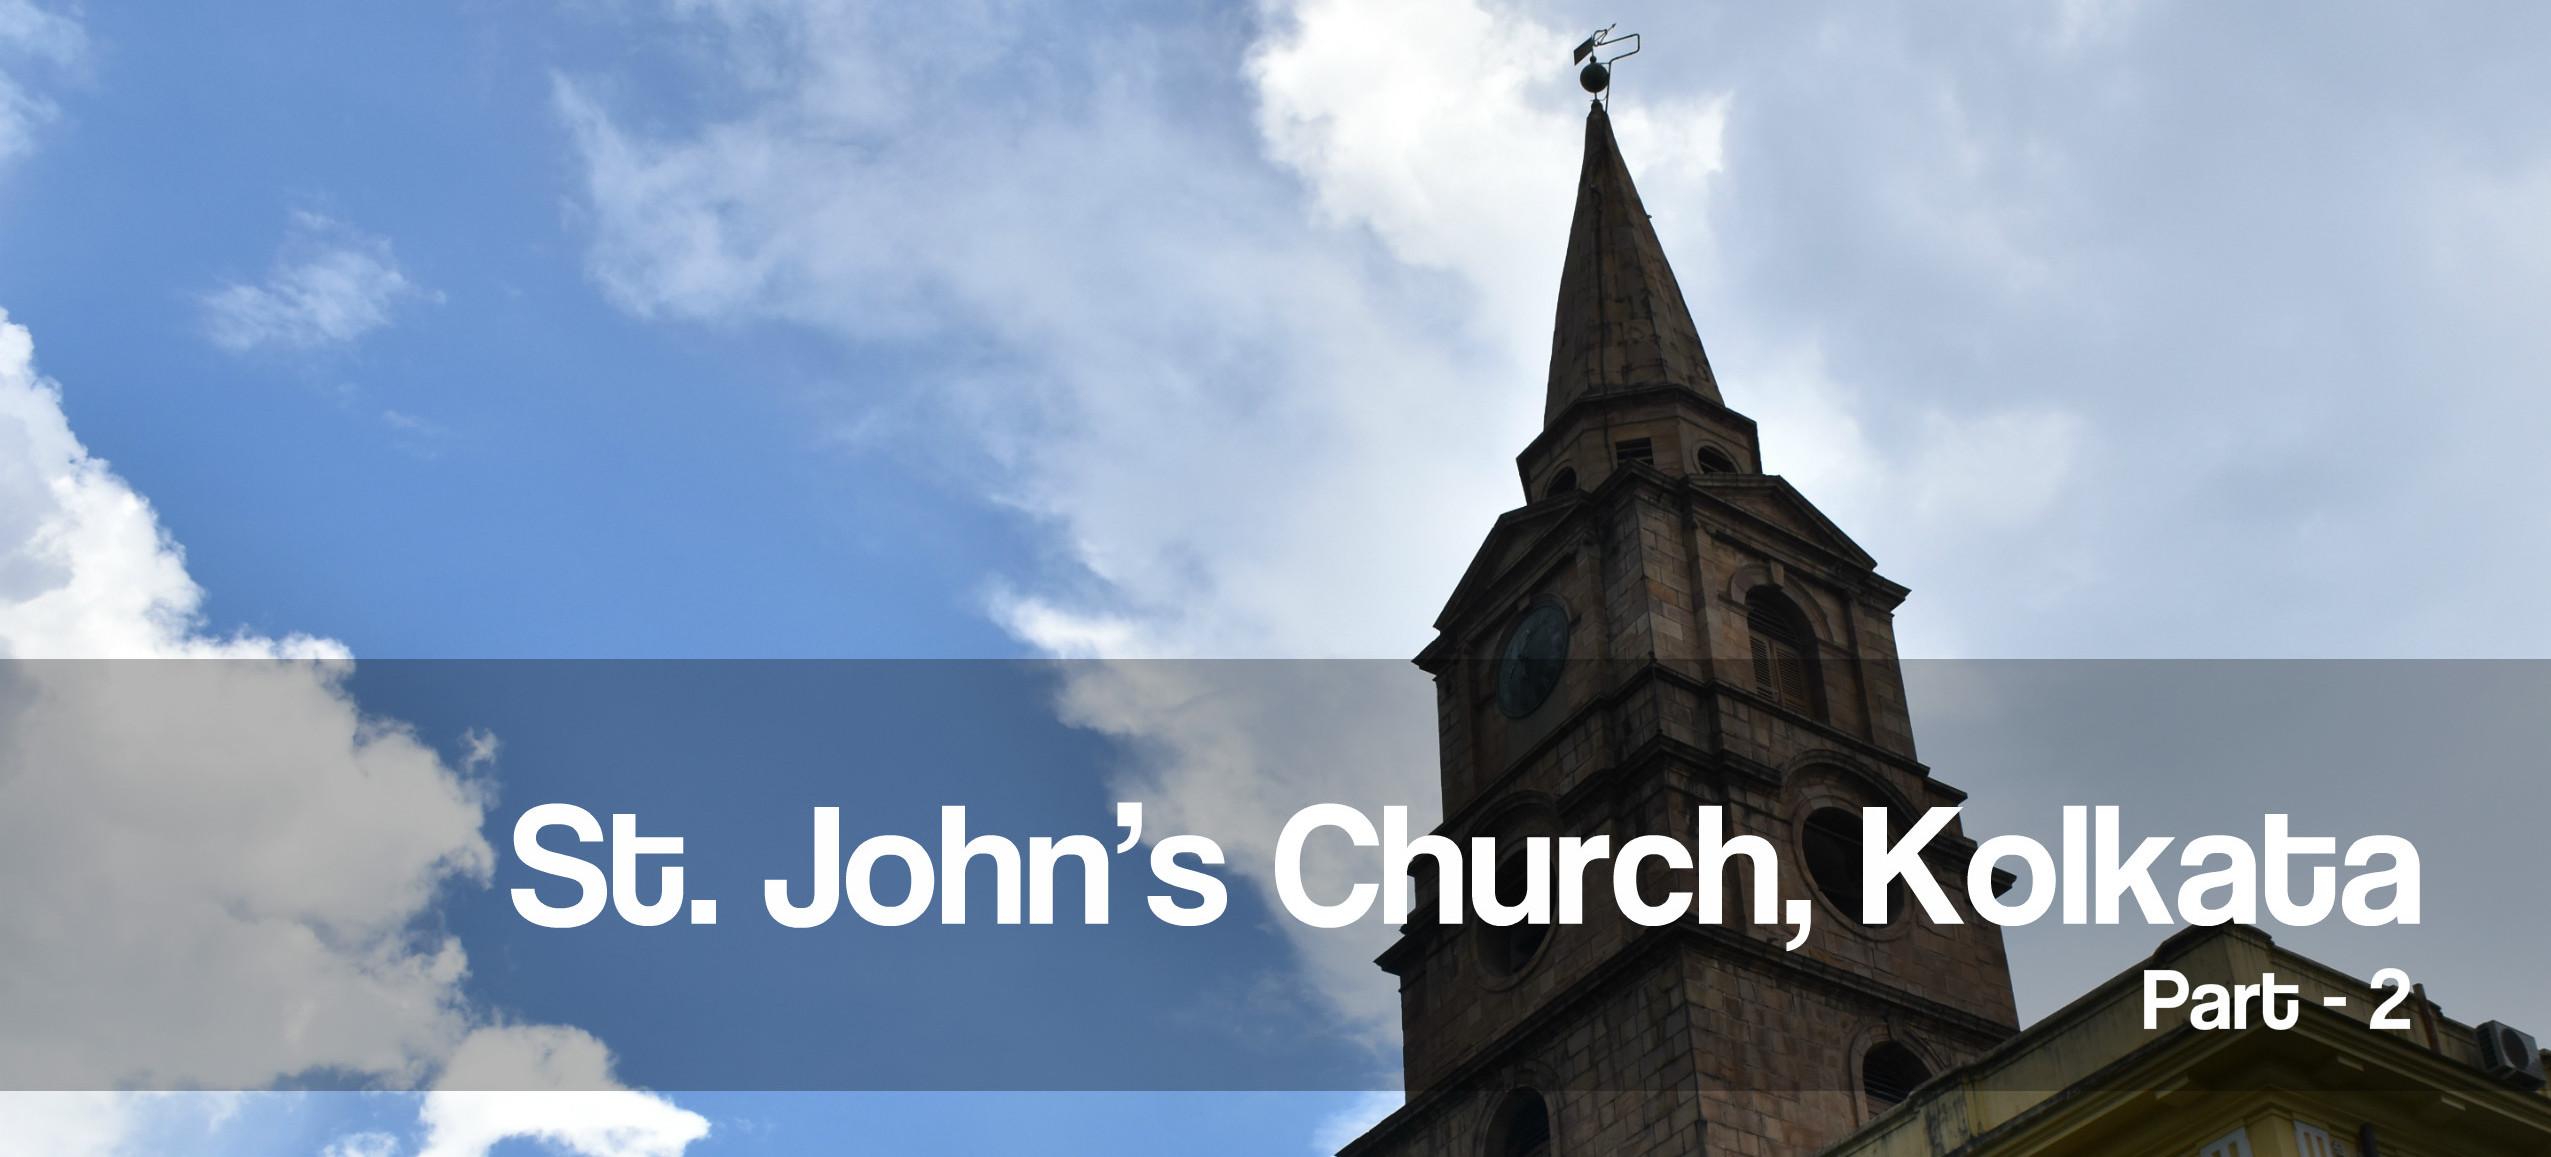 St. John's Church Kolkata